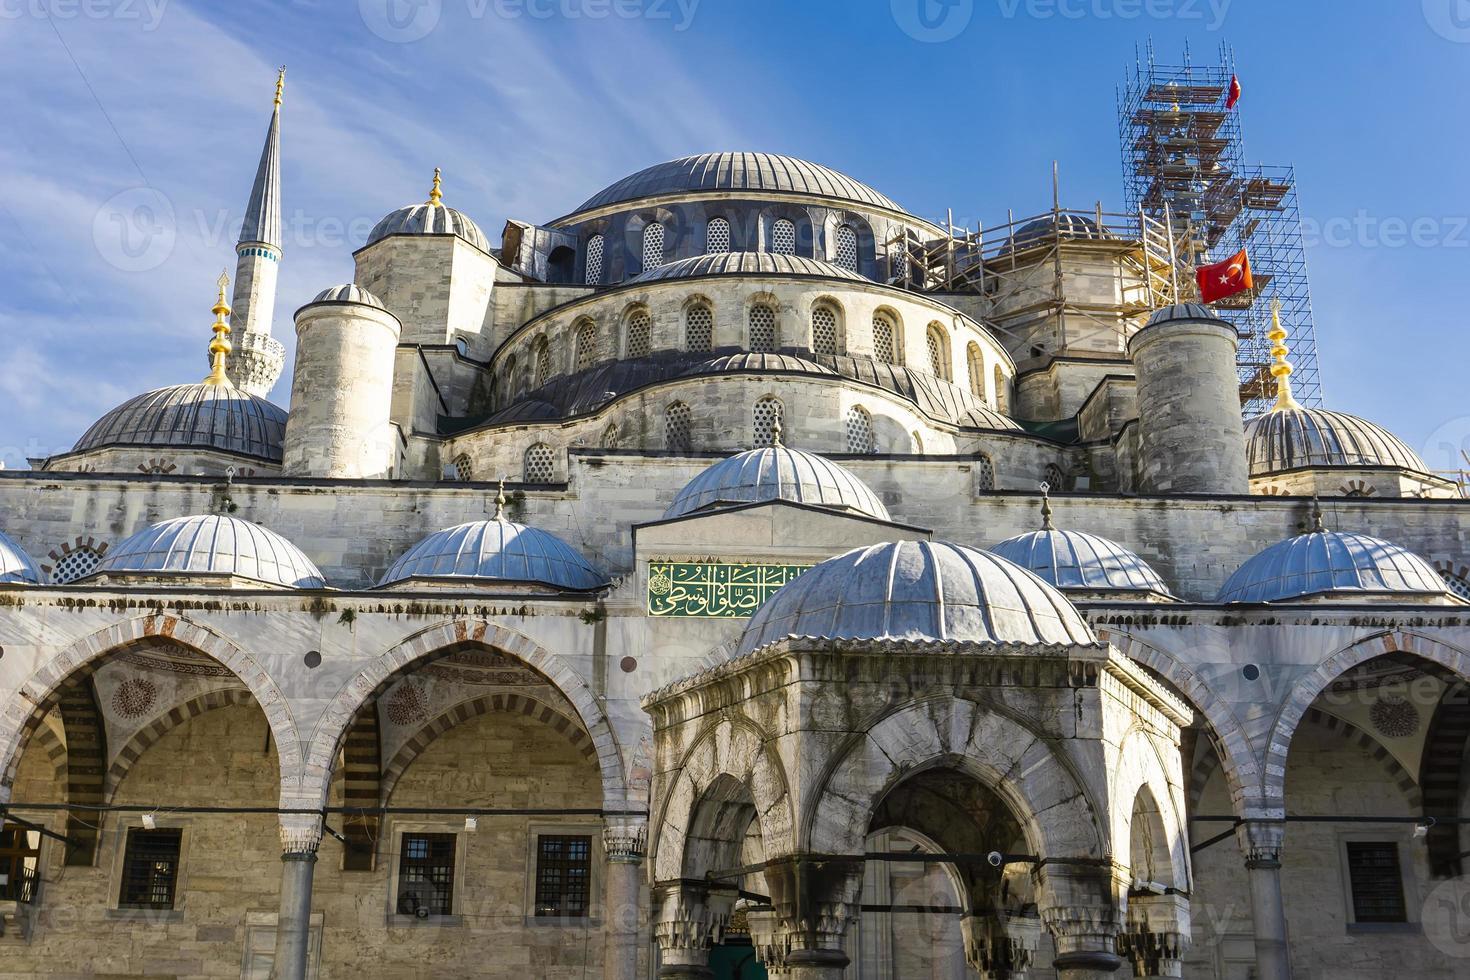 mosquée sultan ahmed mosquée bleue à istanbul turquie photo